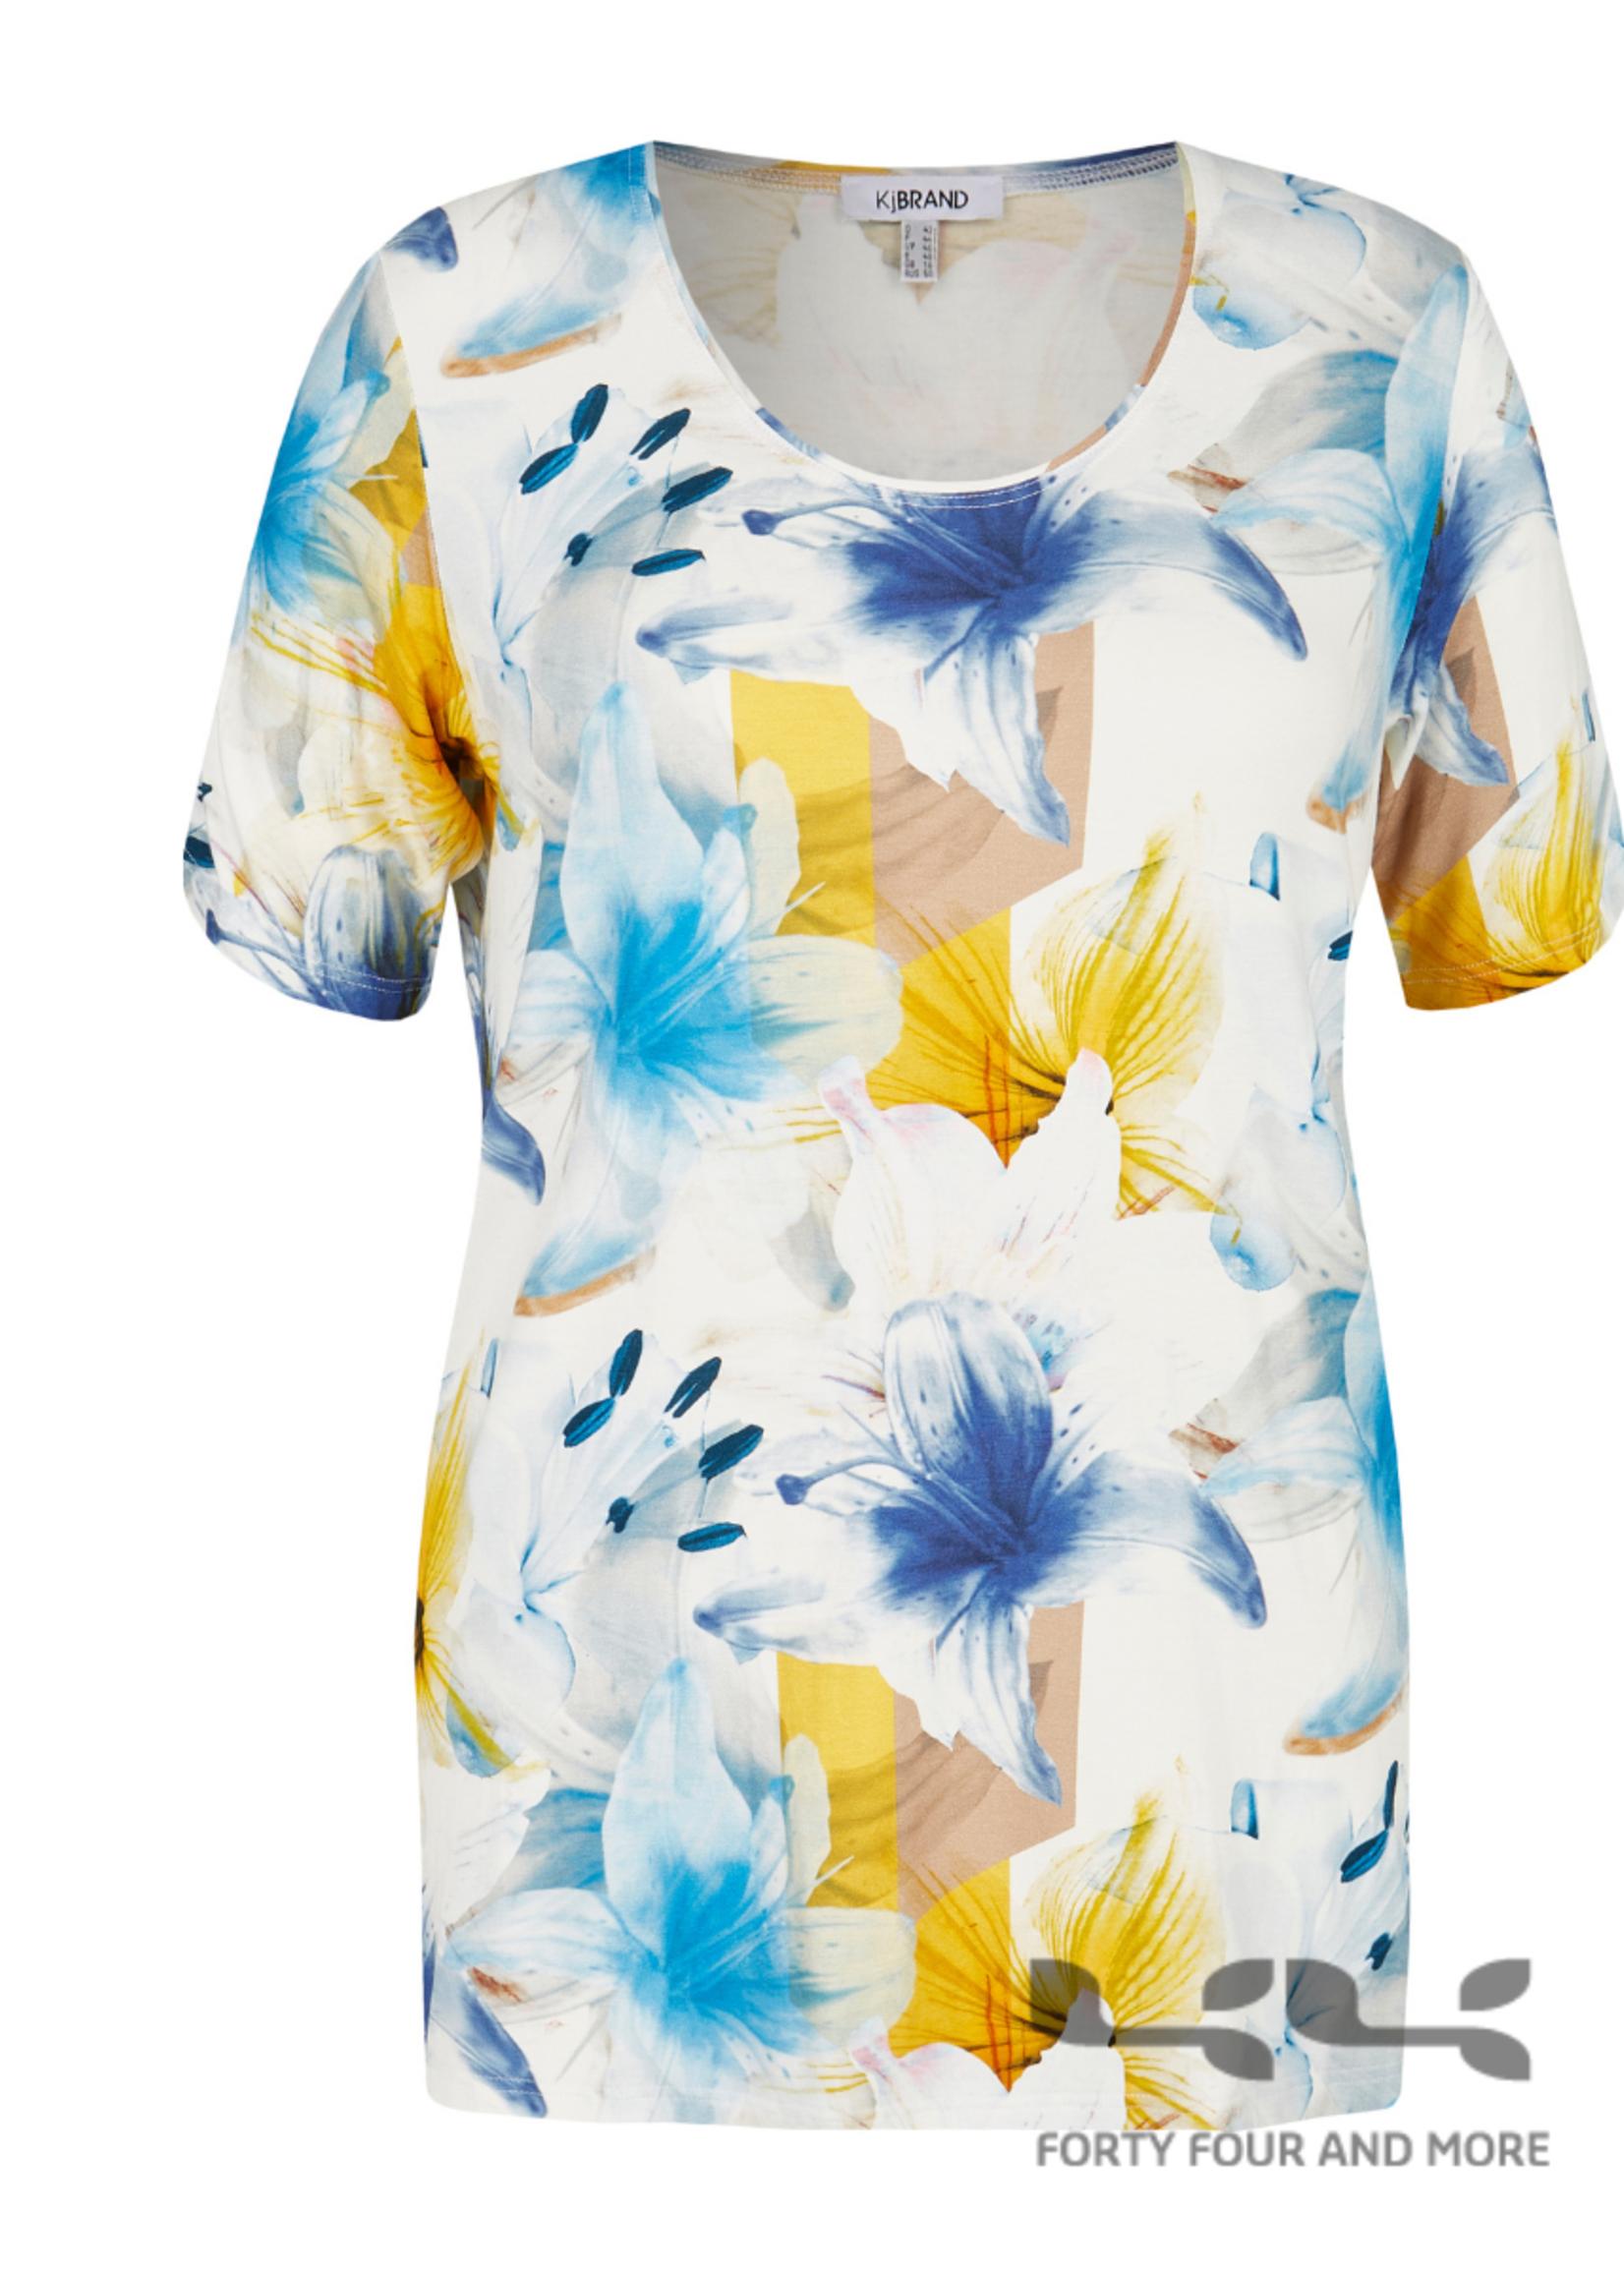 KJBrand Shirt, ronde hals, korte mouw, floraal wit/blauw/geel